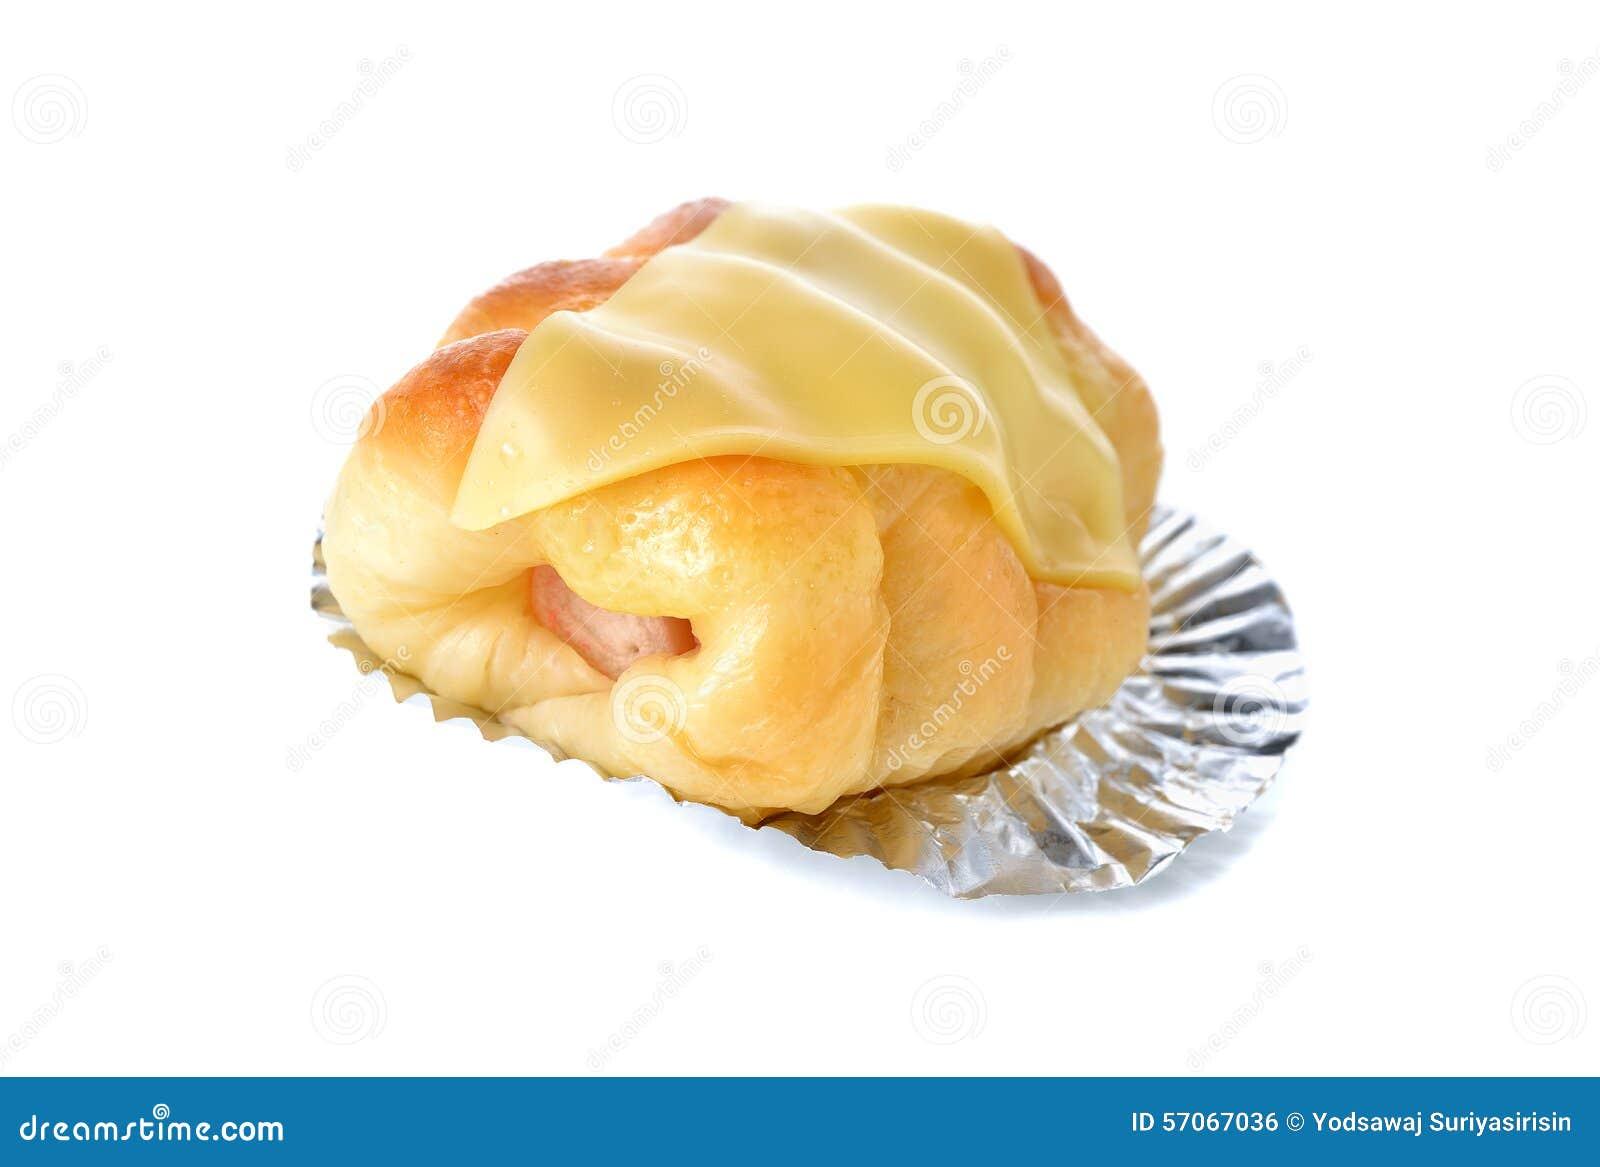 Broodhotdog met kaas op folie met wit